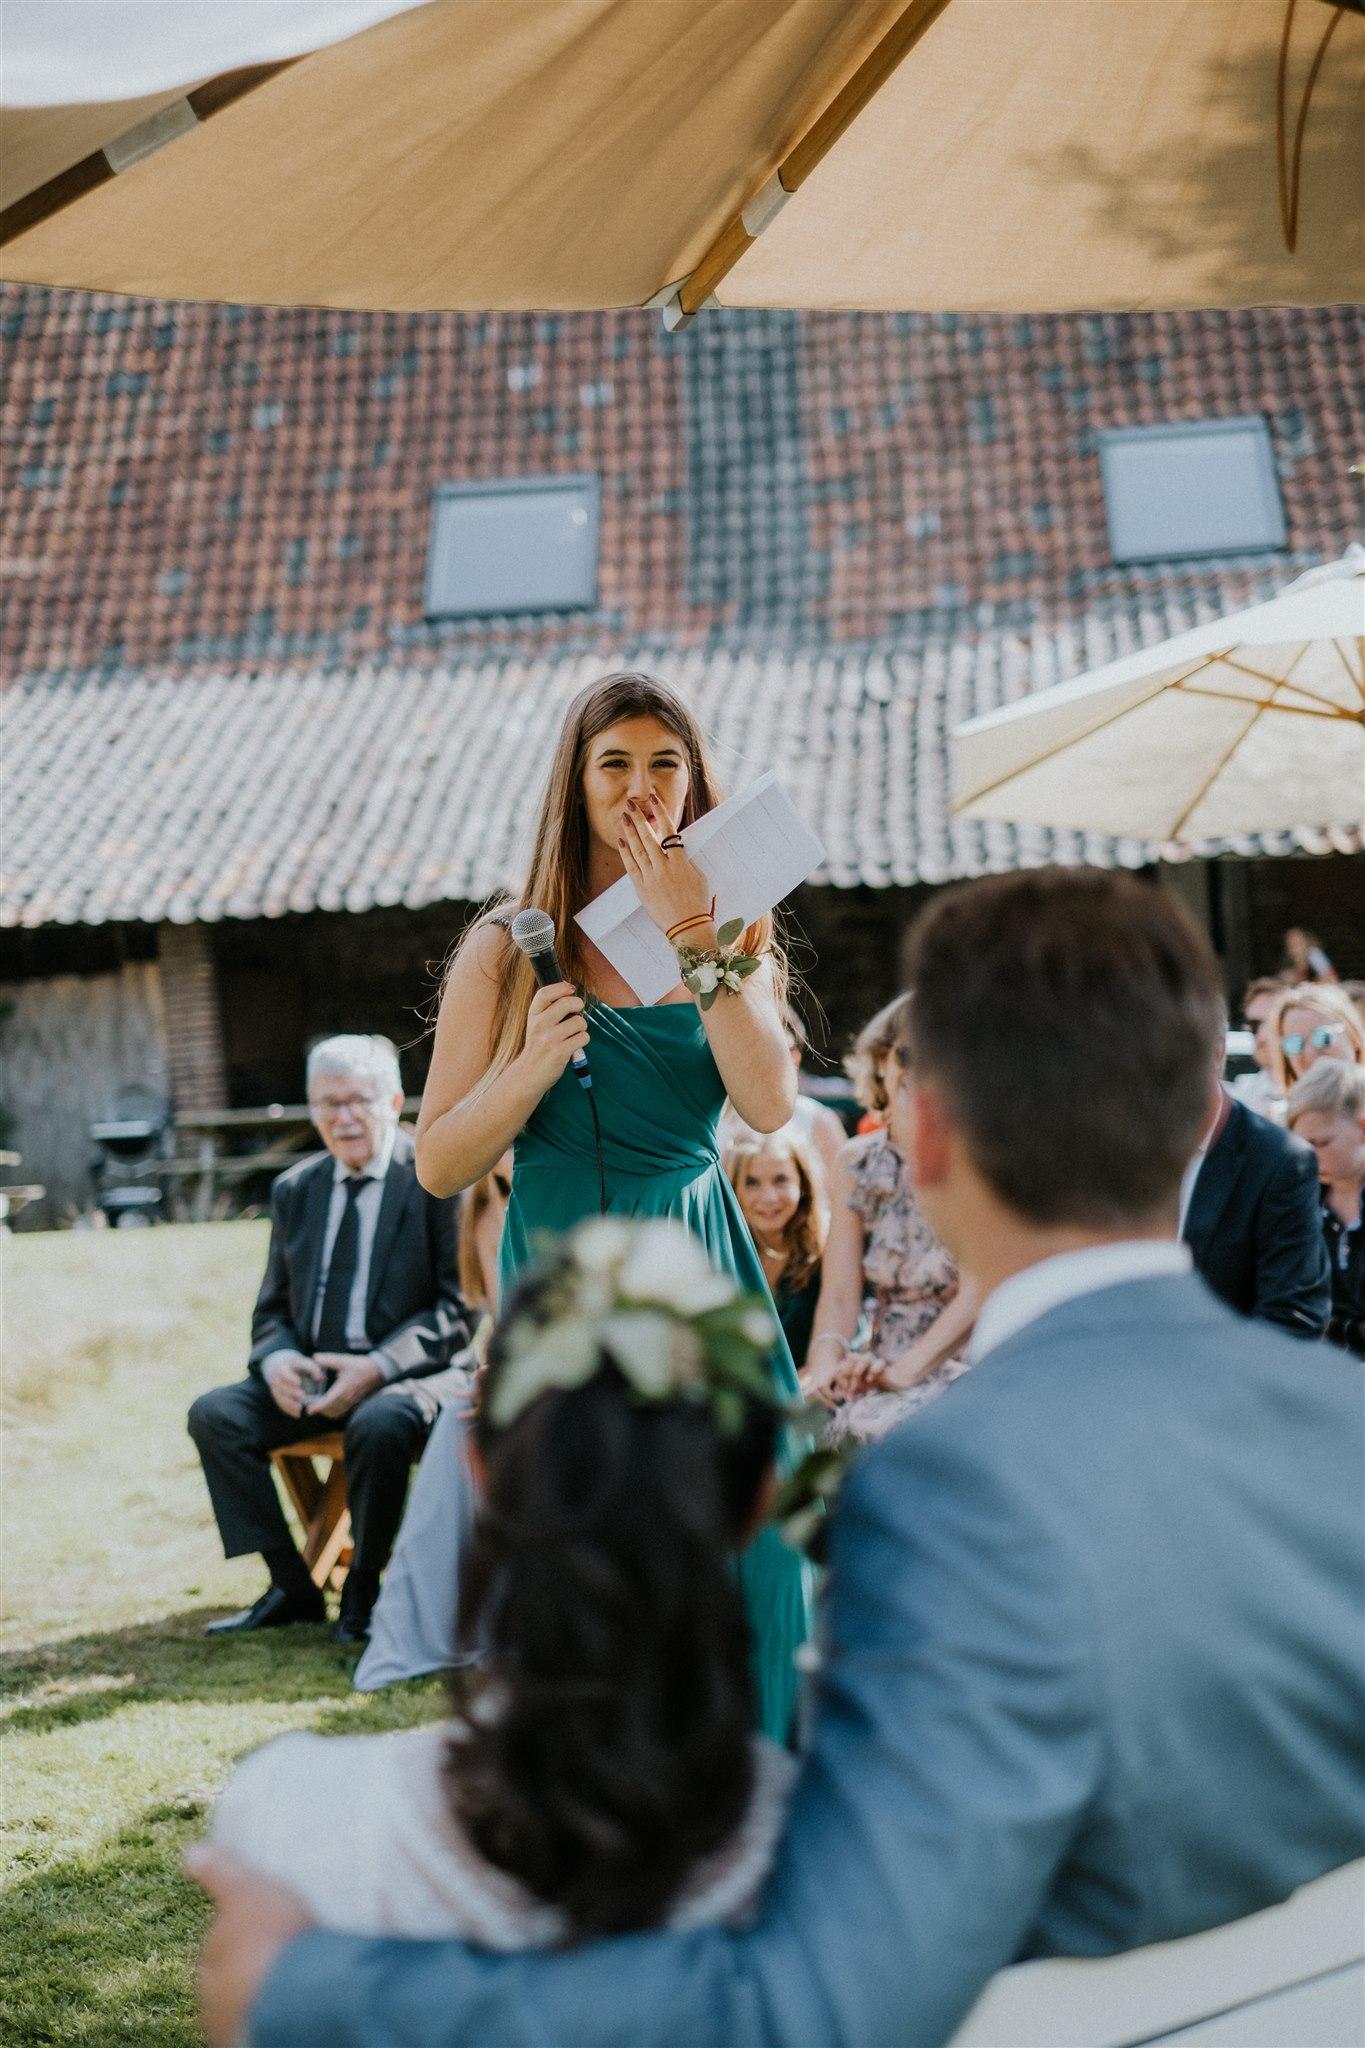 Gänsehautfeeling für das Brautpaar (Foto: Kevin Biberbach)